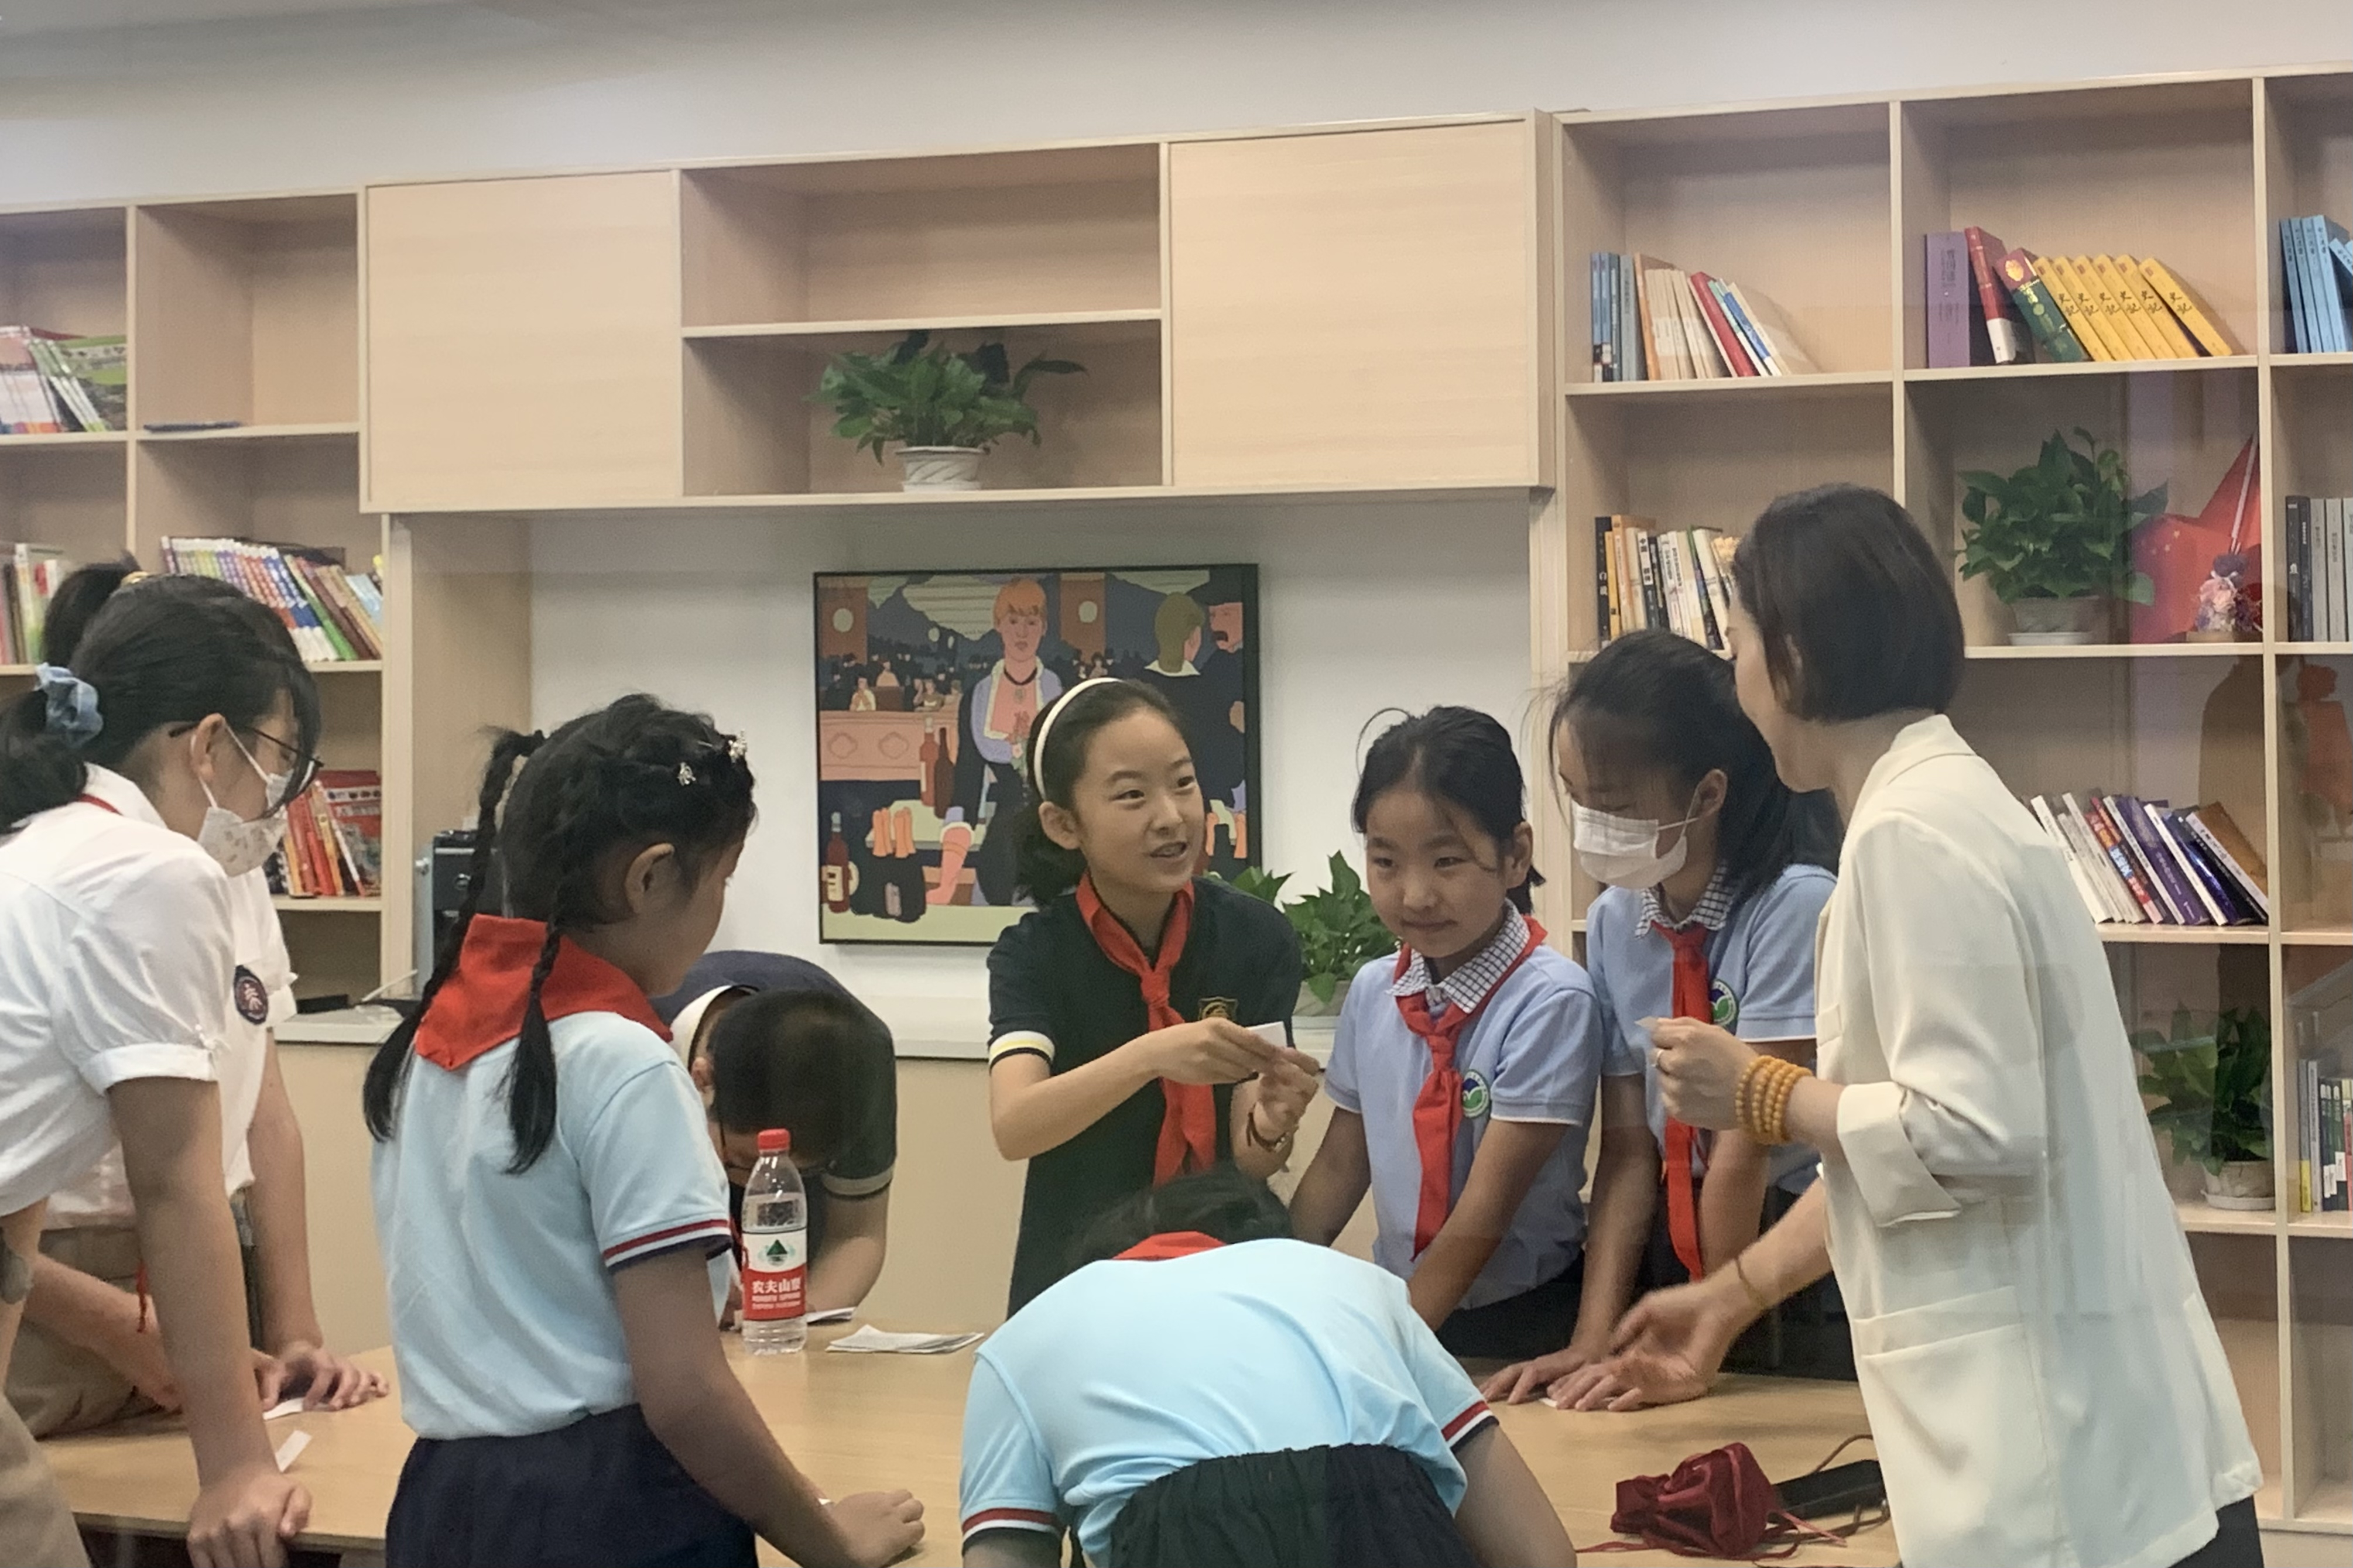 哲学也能办运动会?杭州这所学校的师生今天都在讨论这个问题